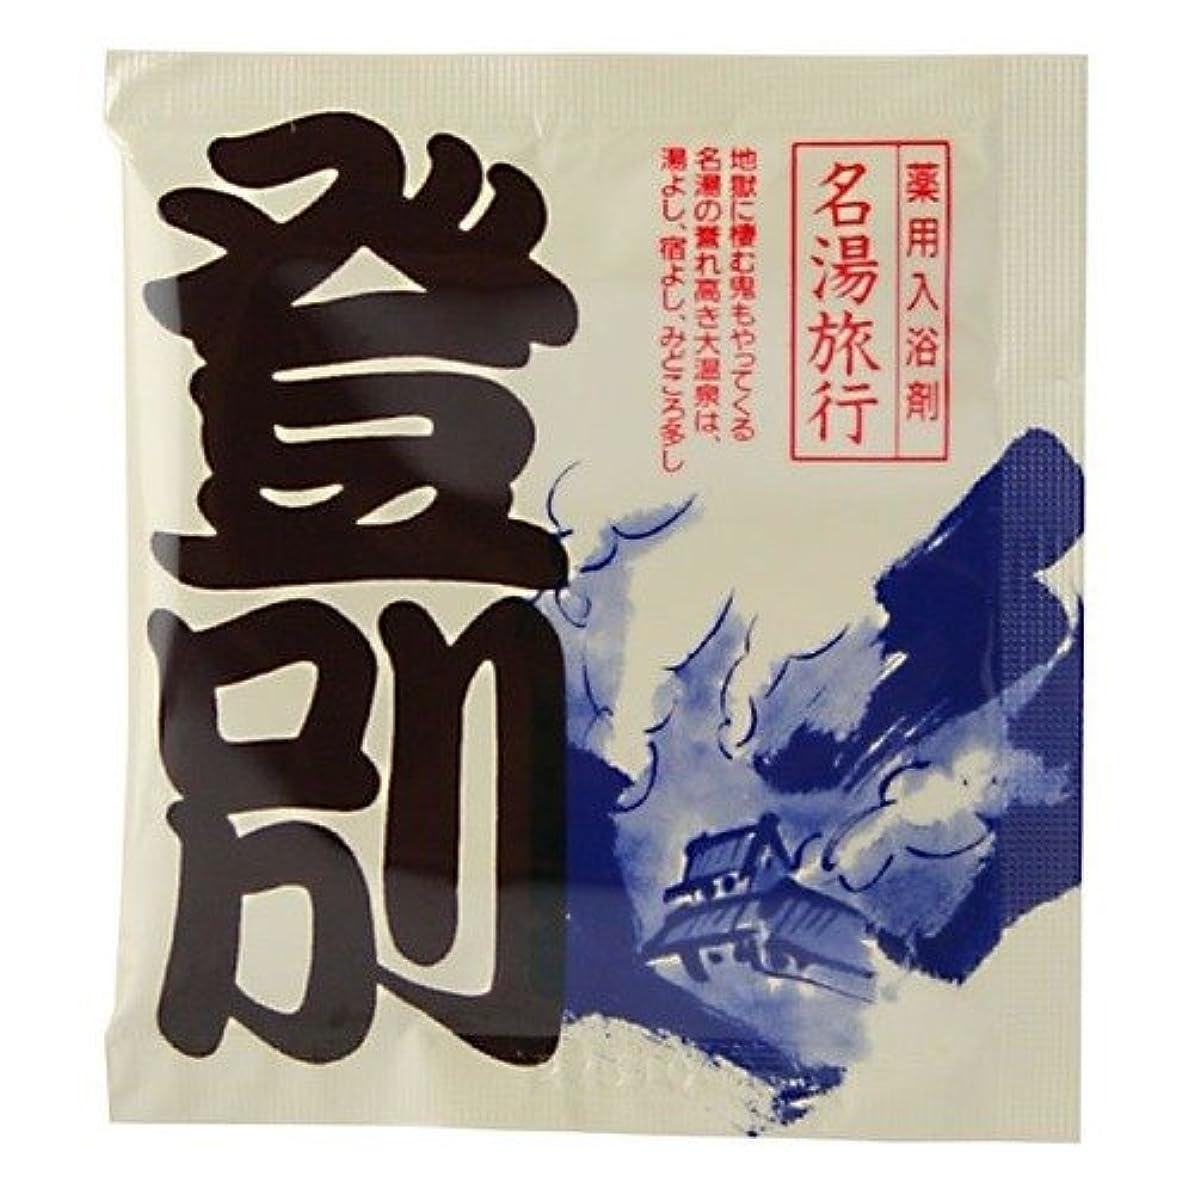 ベリケーキ項目五洲薬品 名湯旅行 登別 25g 4987332126720